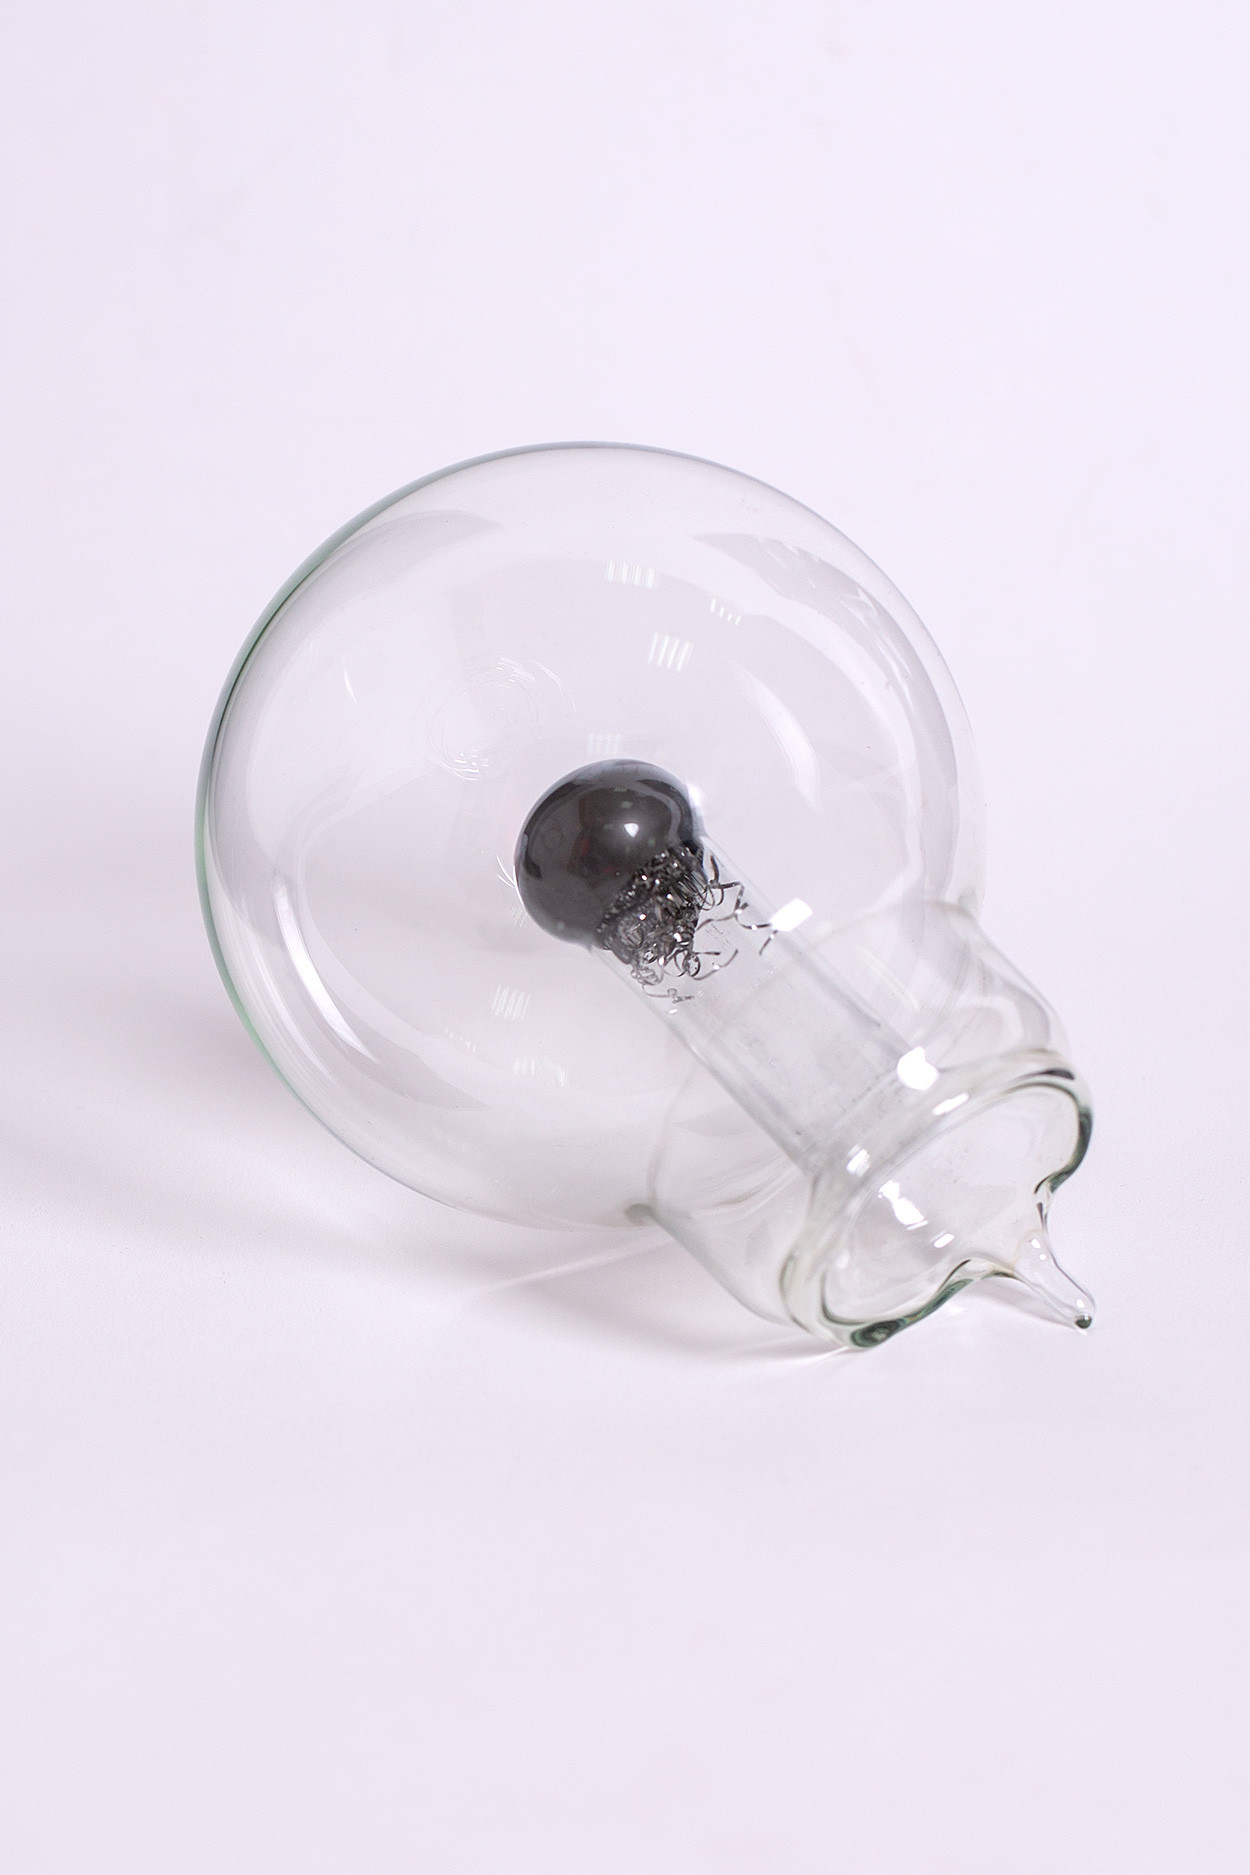 Плазменный шар для шоу с катушкой Тесла 10 см